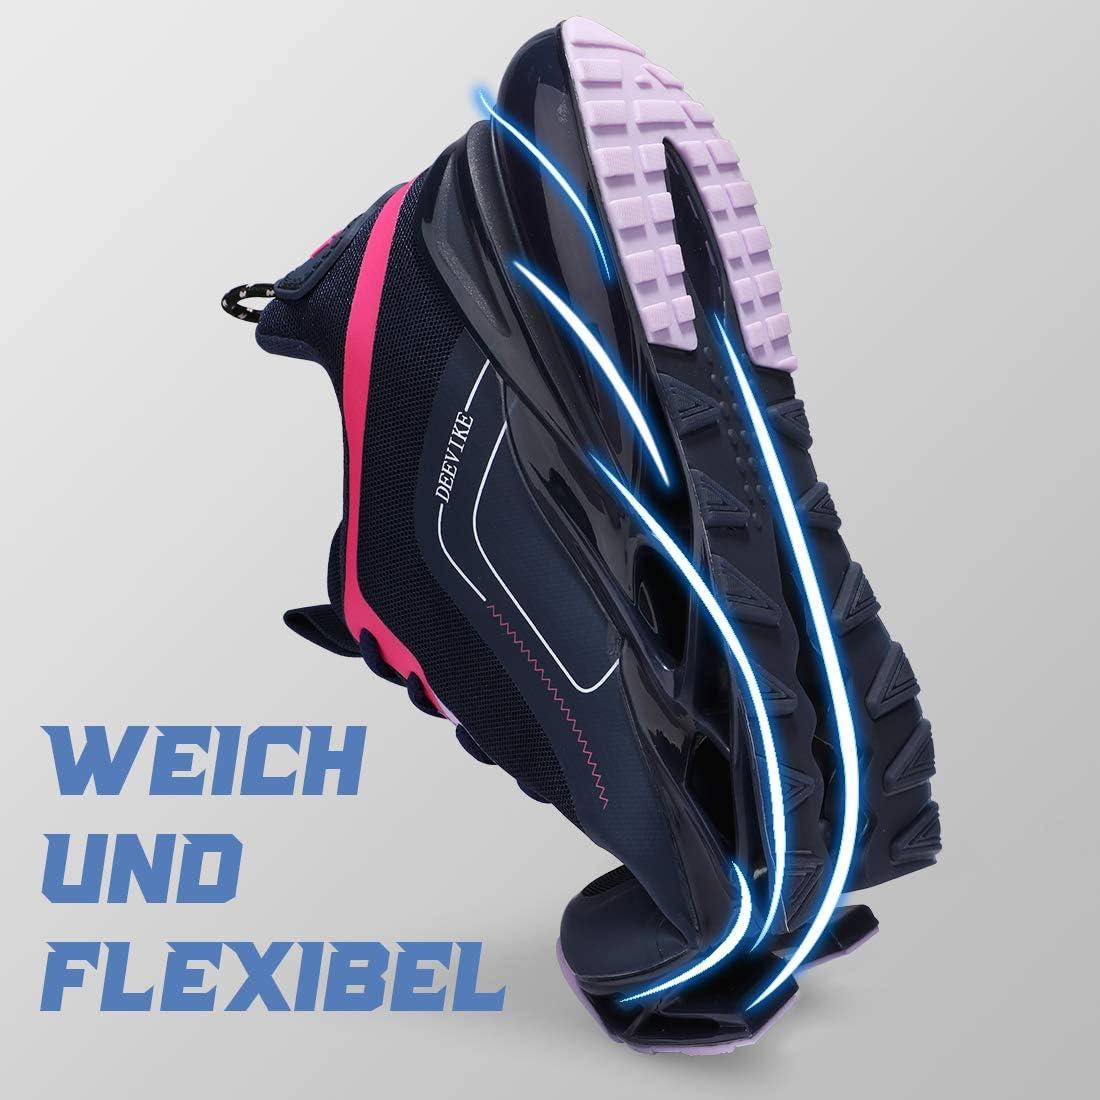 Deevike Laufschuhe Damen Sneaker Wanderschuhe rutschfest Schuhe Damen 35-42EU